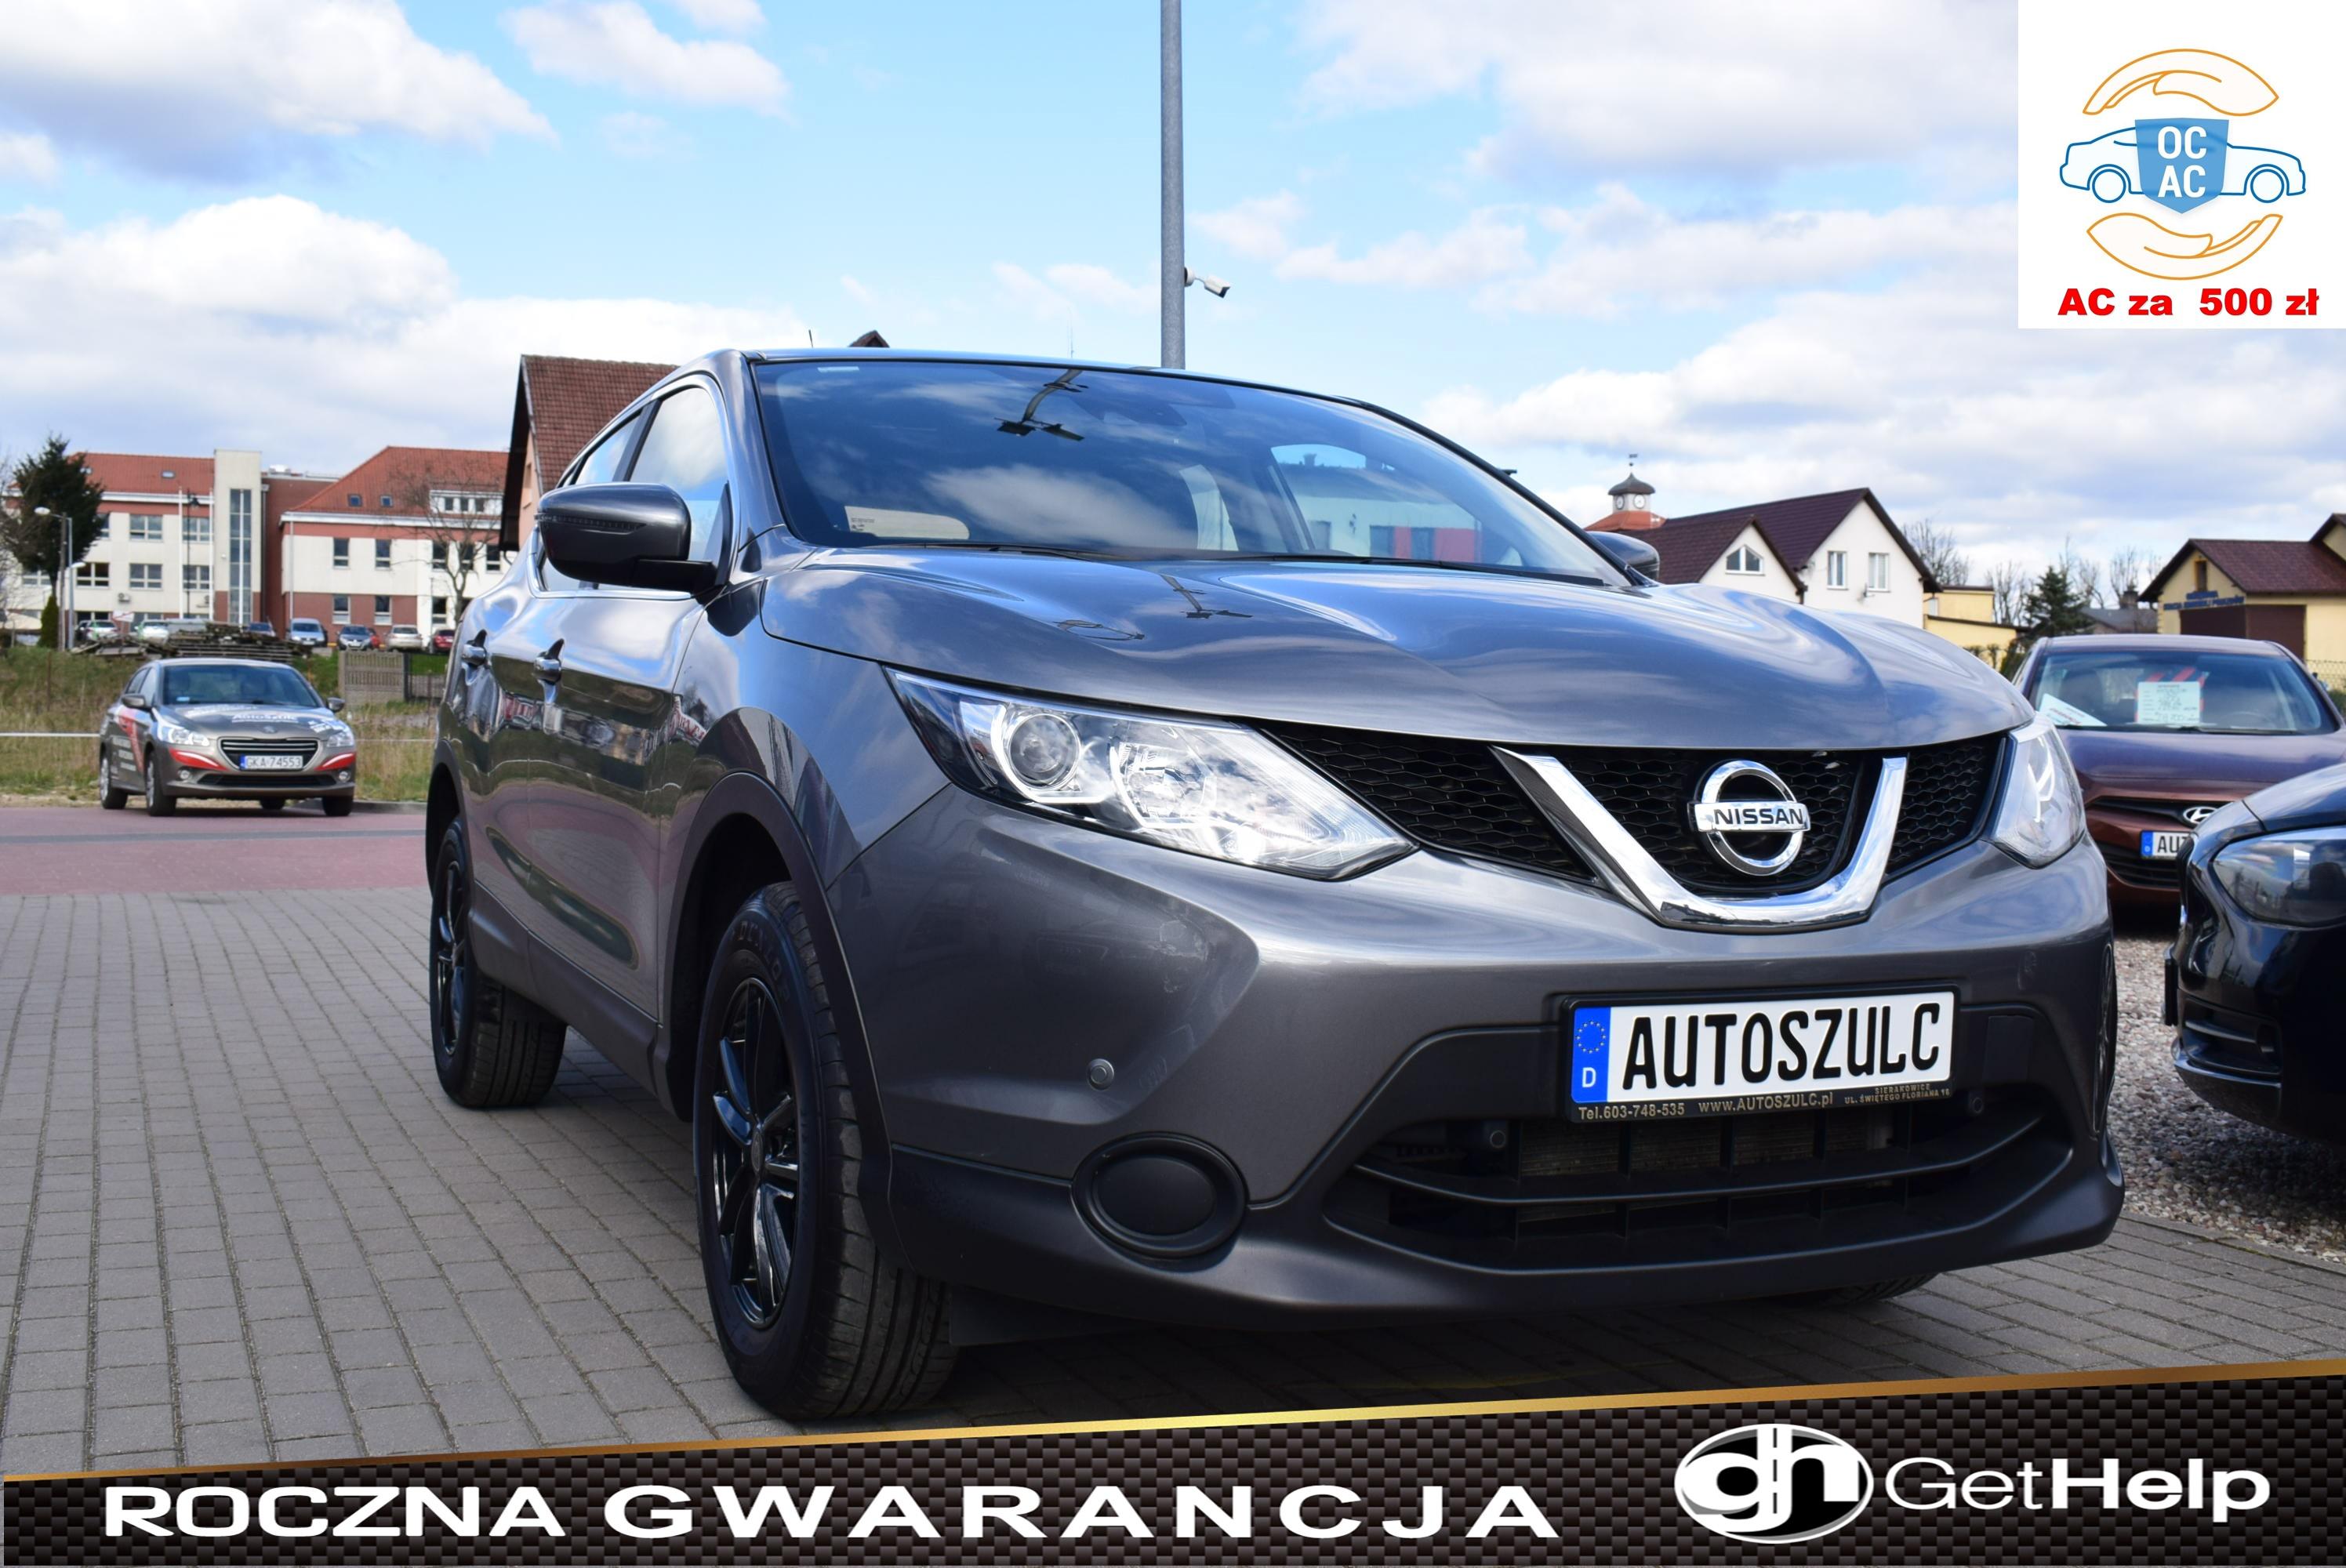 Nissan Qashqai 1.2 Benzyna, Model : 2017, Niski przebieg, Sprowadzony z Niemiec – od osoby prywatnej, Jak nowy, Rok Gwarancji